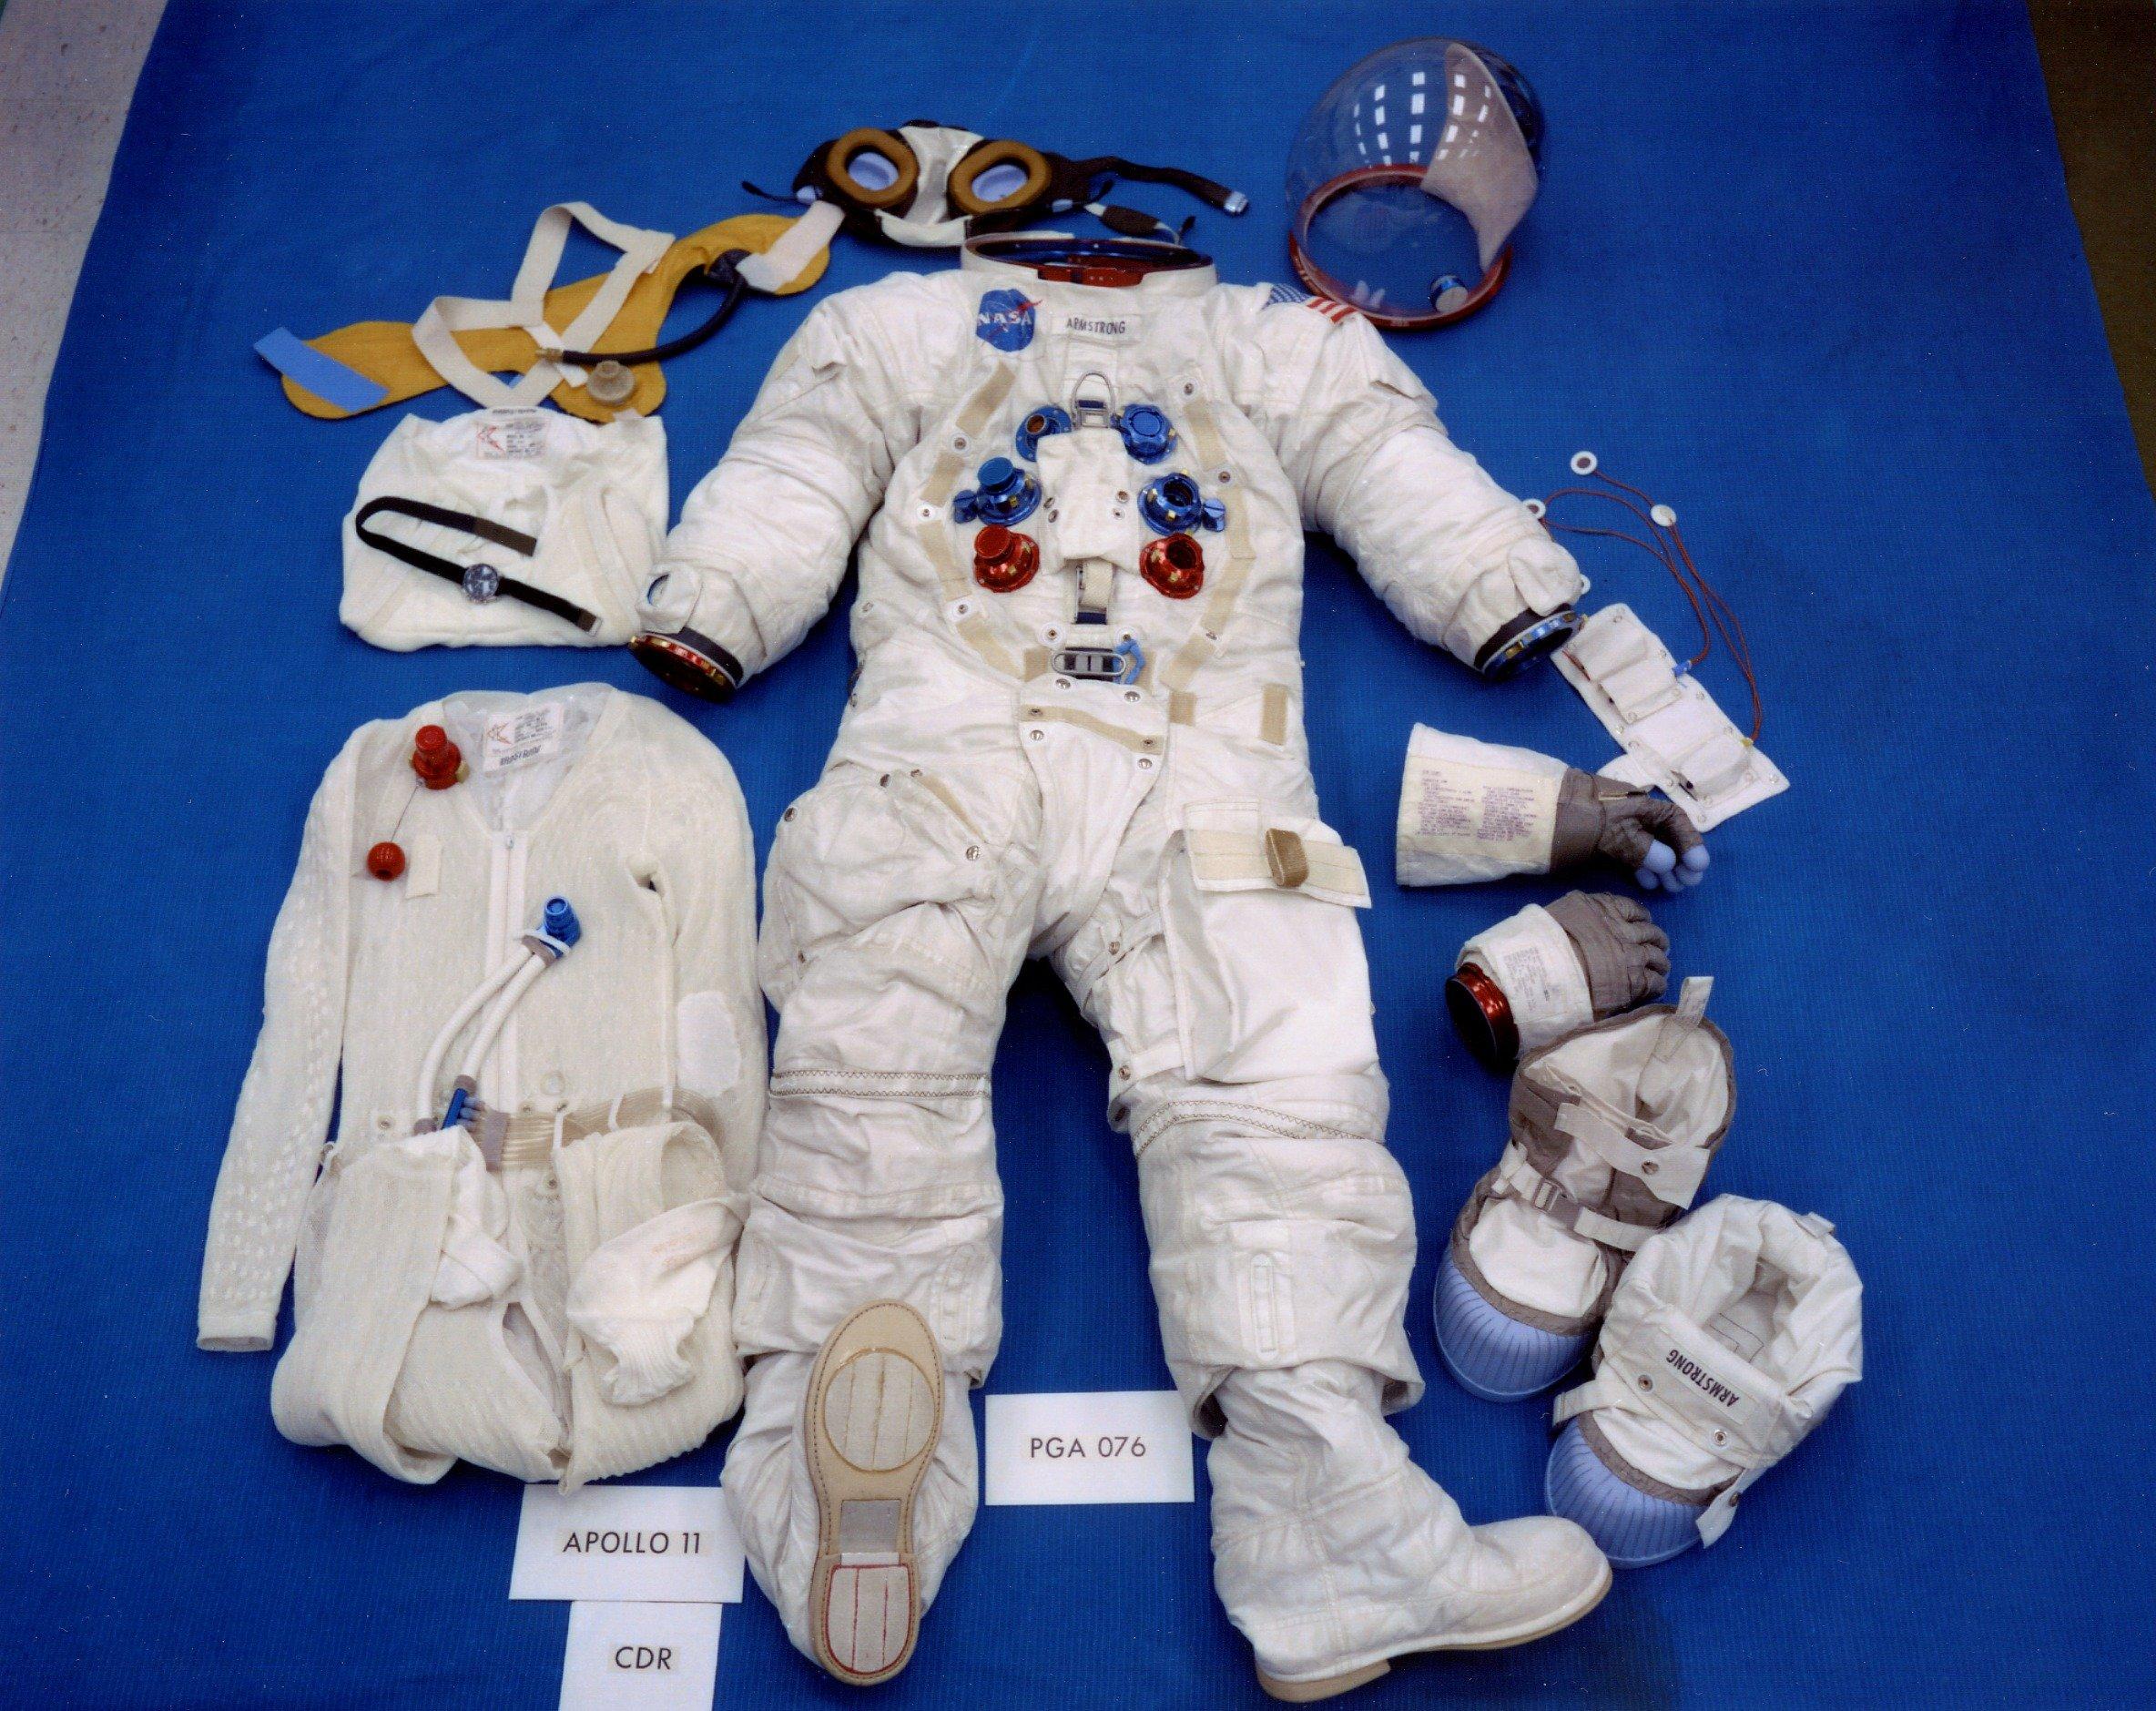 Apollo_11_space_suit.jpg